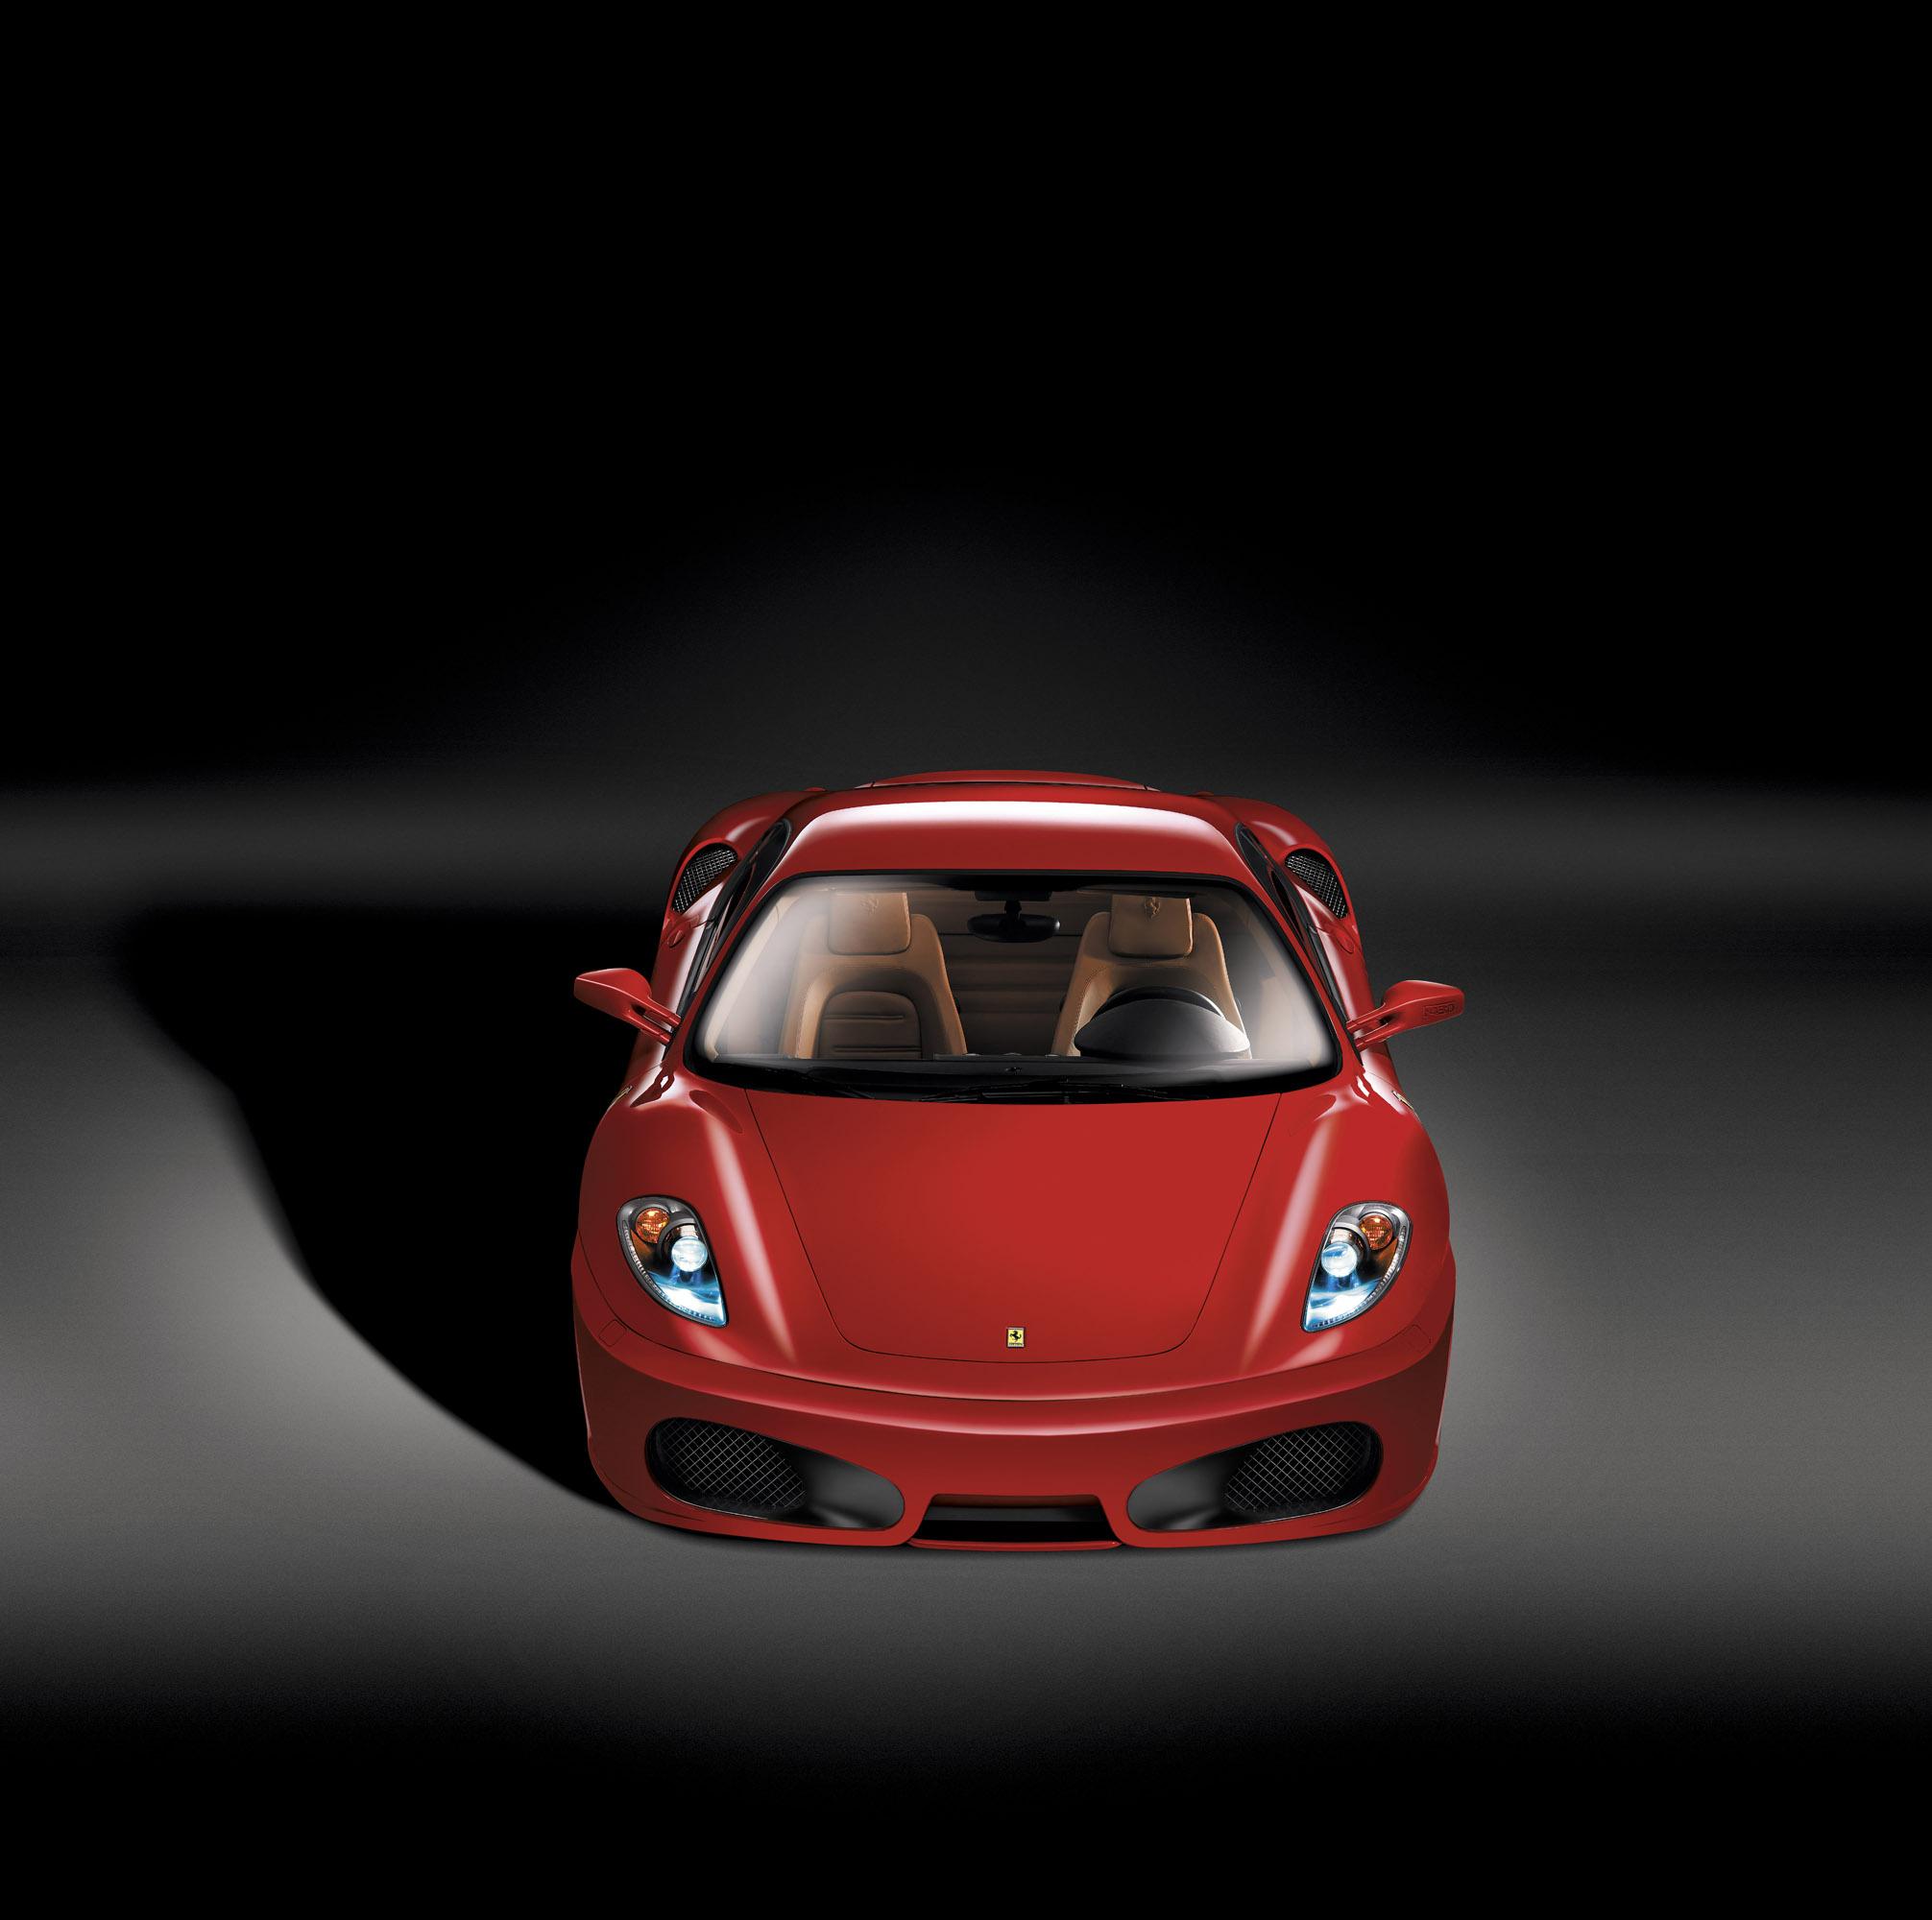 Ferrari F430 photo #2